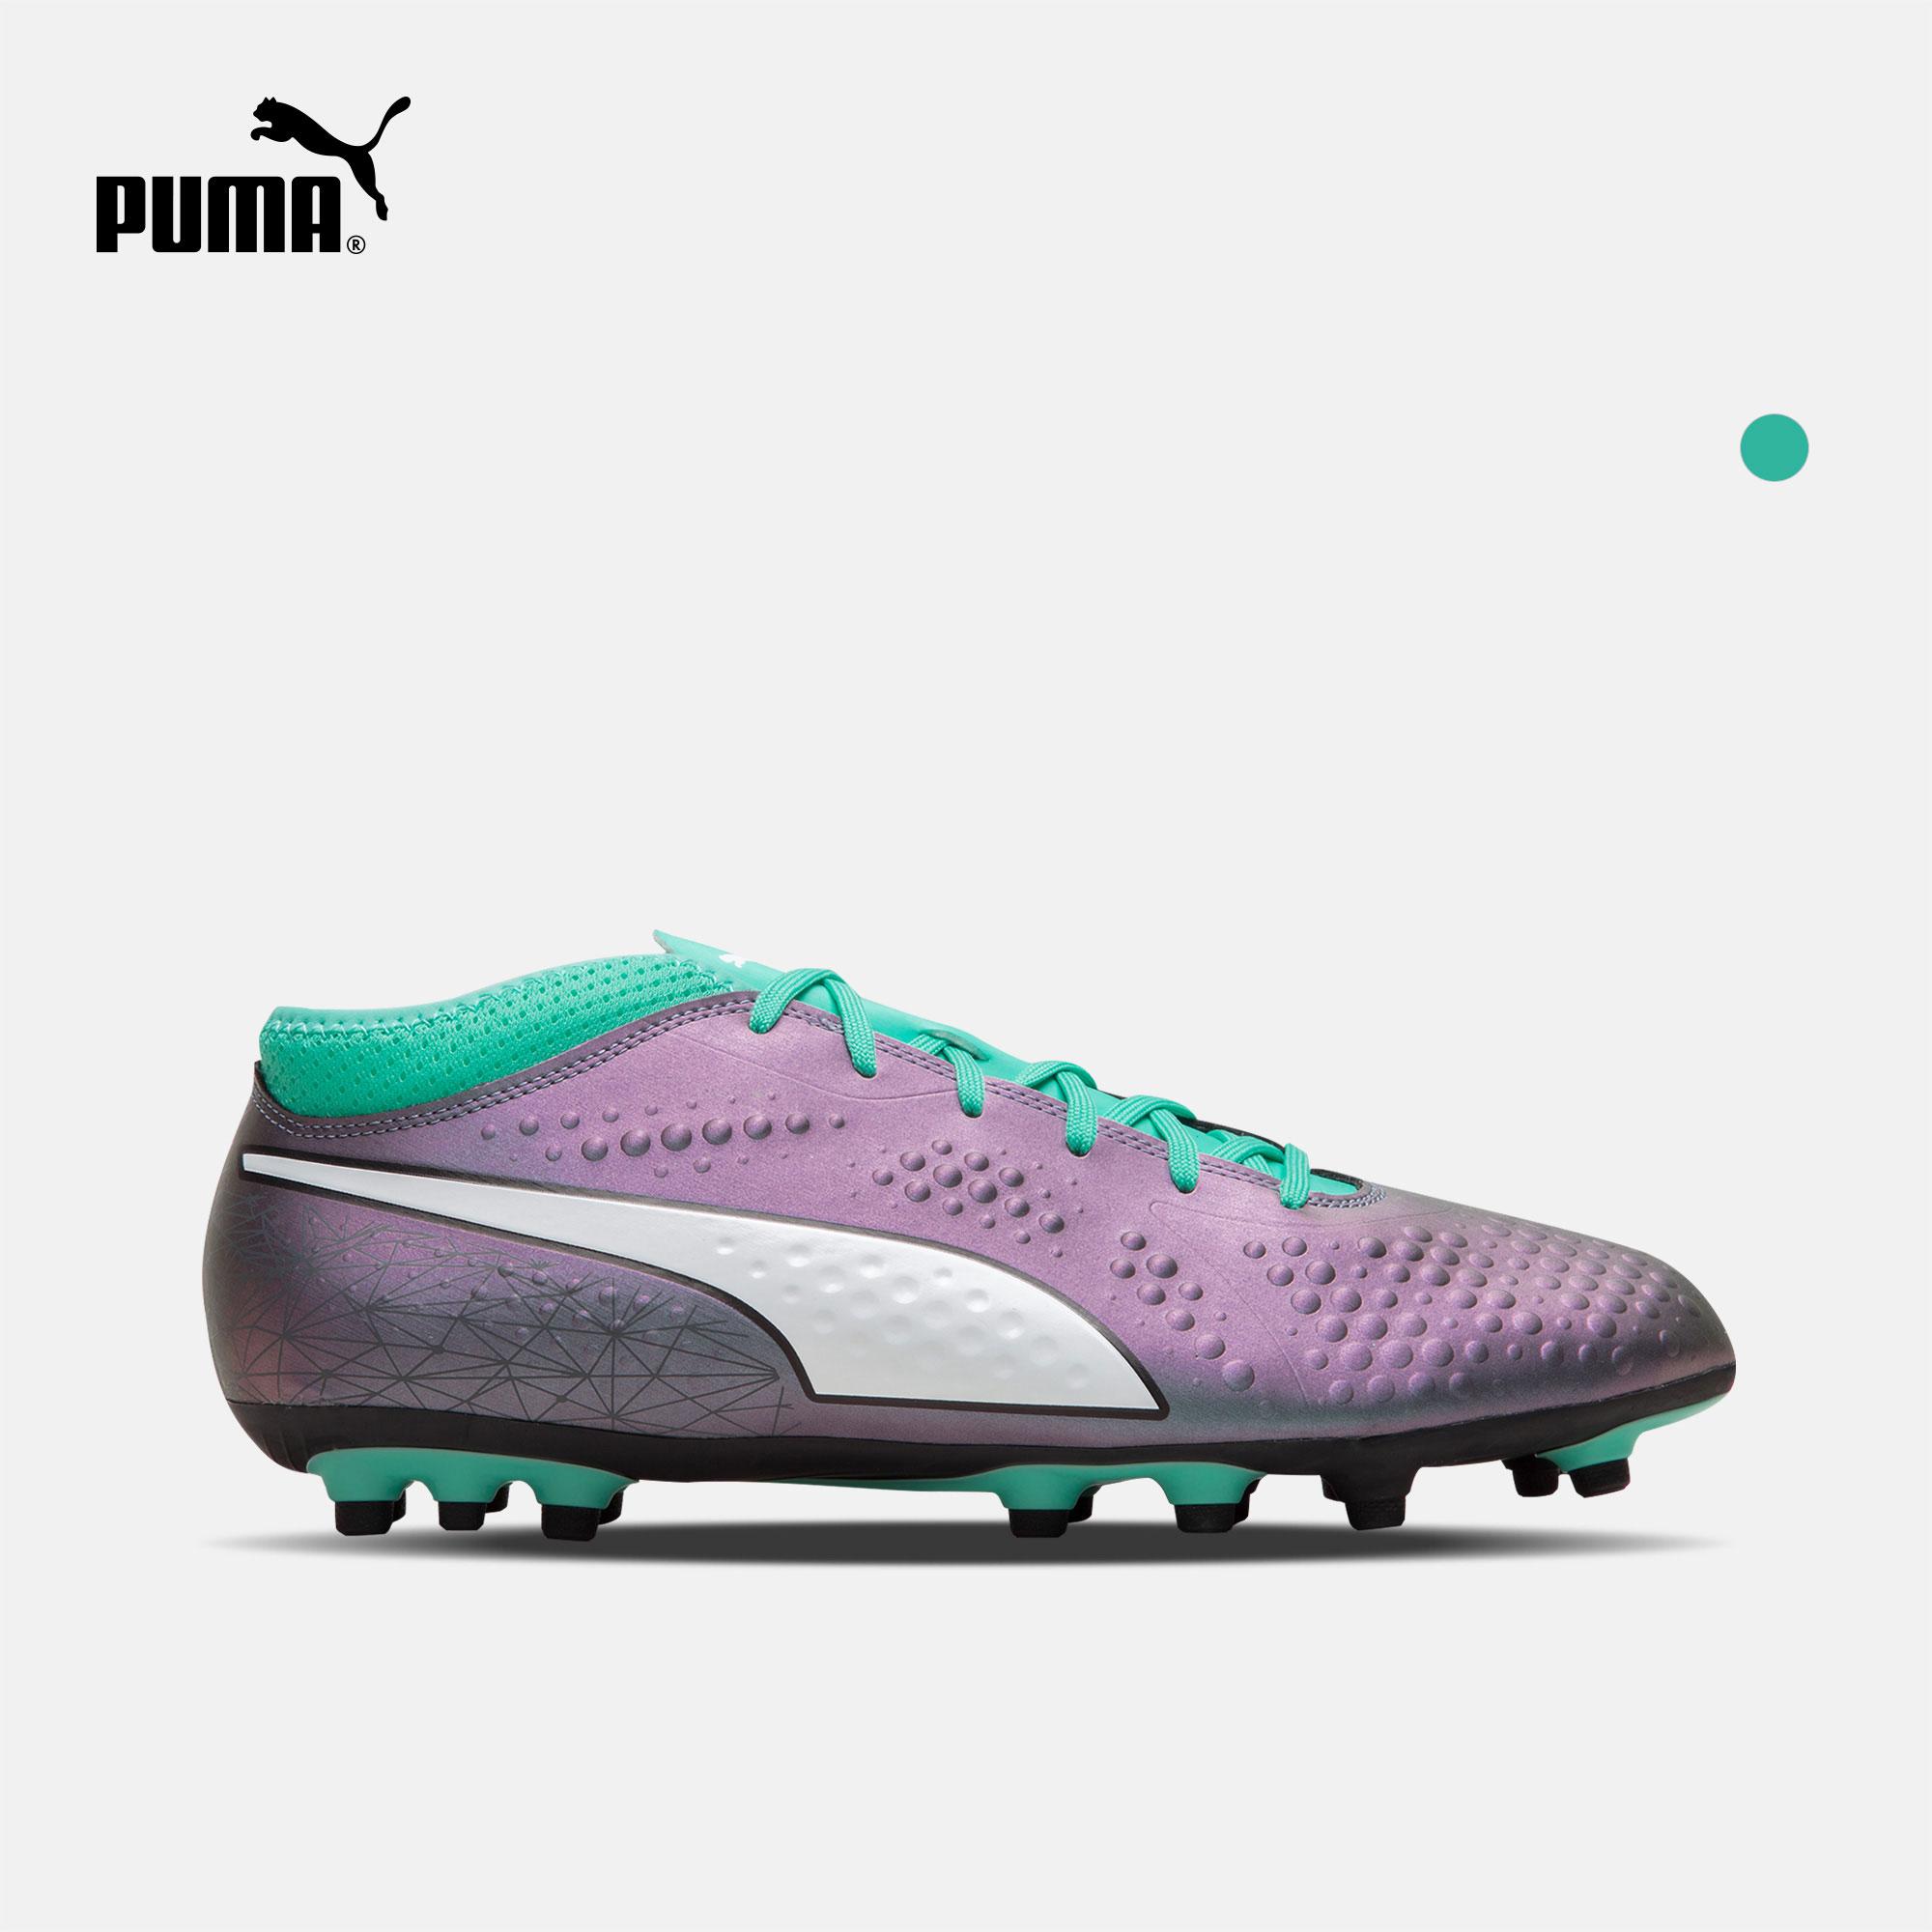 PUMA彪马官方 男子足球鞋 PUMA ONE 4 IL Syn AG 104931